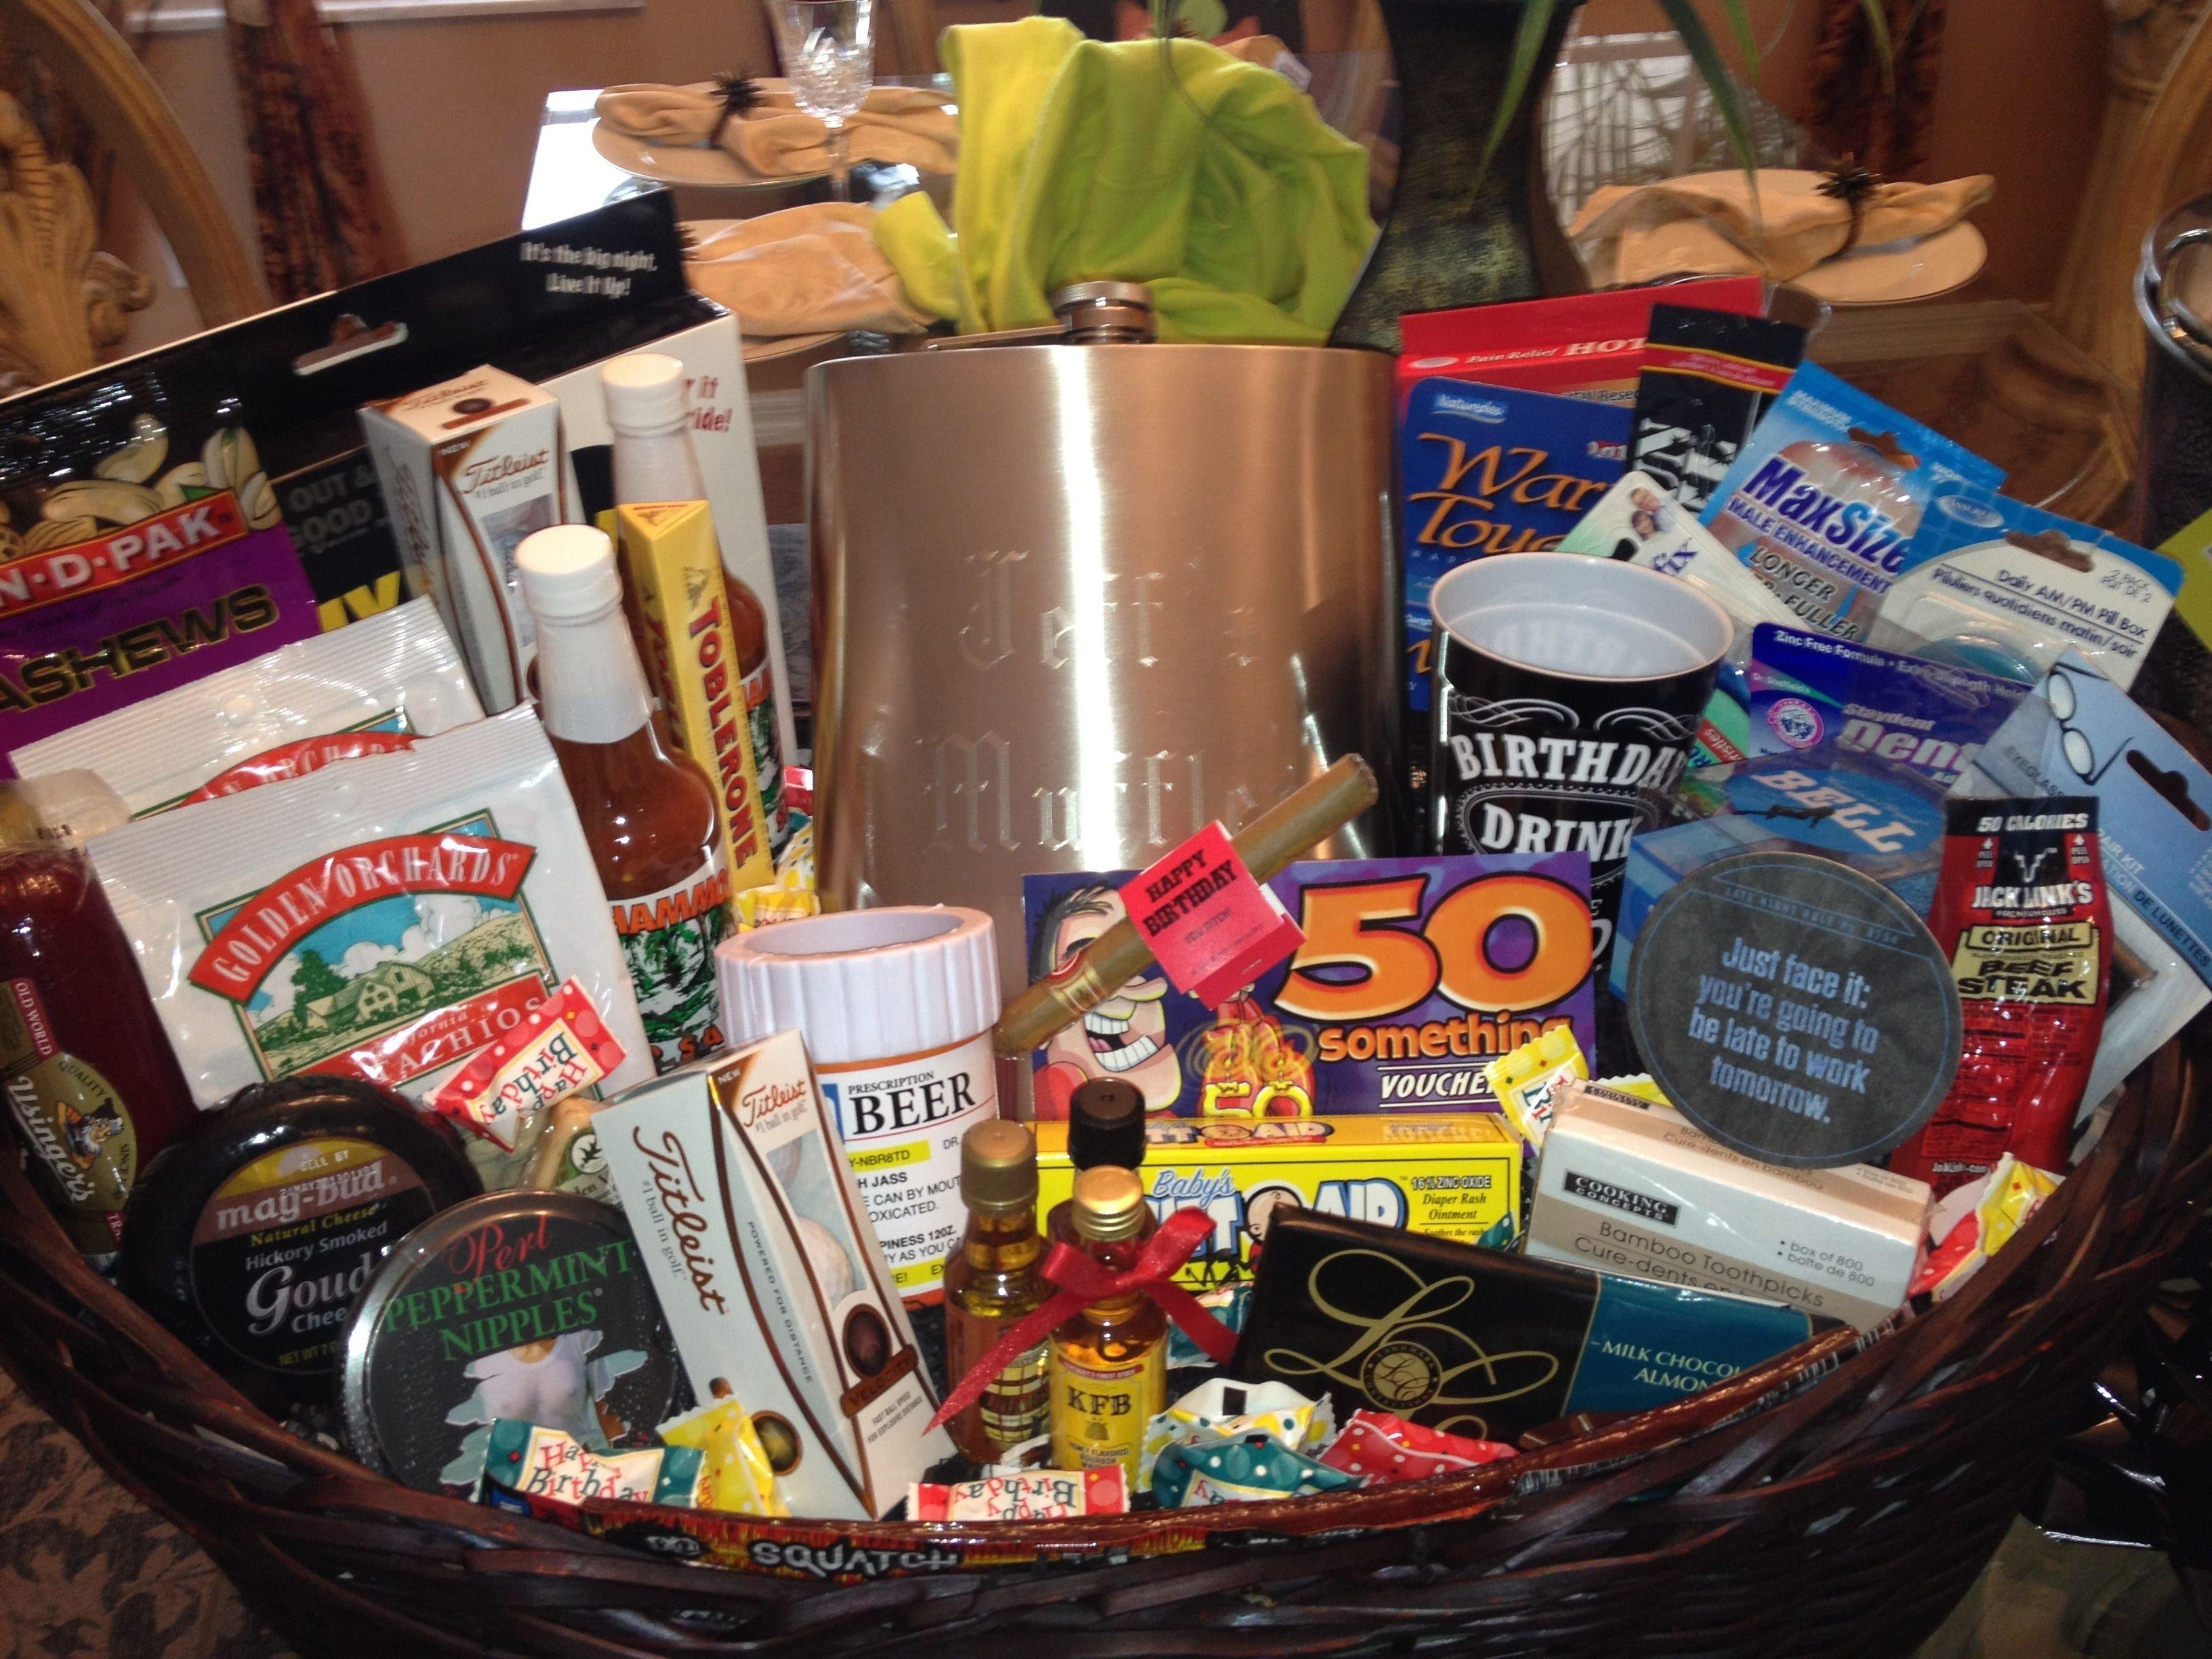 10 Stylish Gift Ideas For 50Th Birthday 50th birthday gift basket for him 50th birthday gift basketw 16 2020